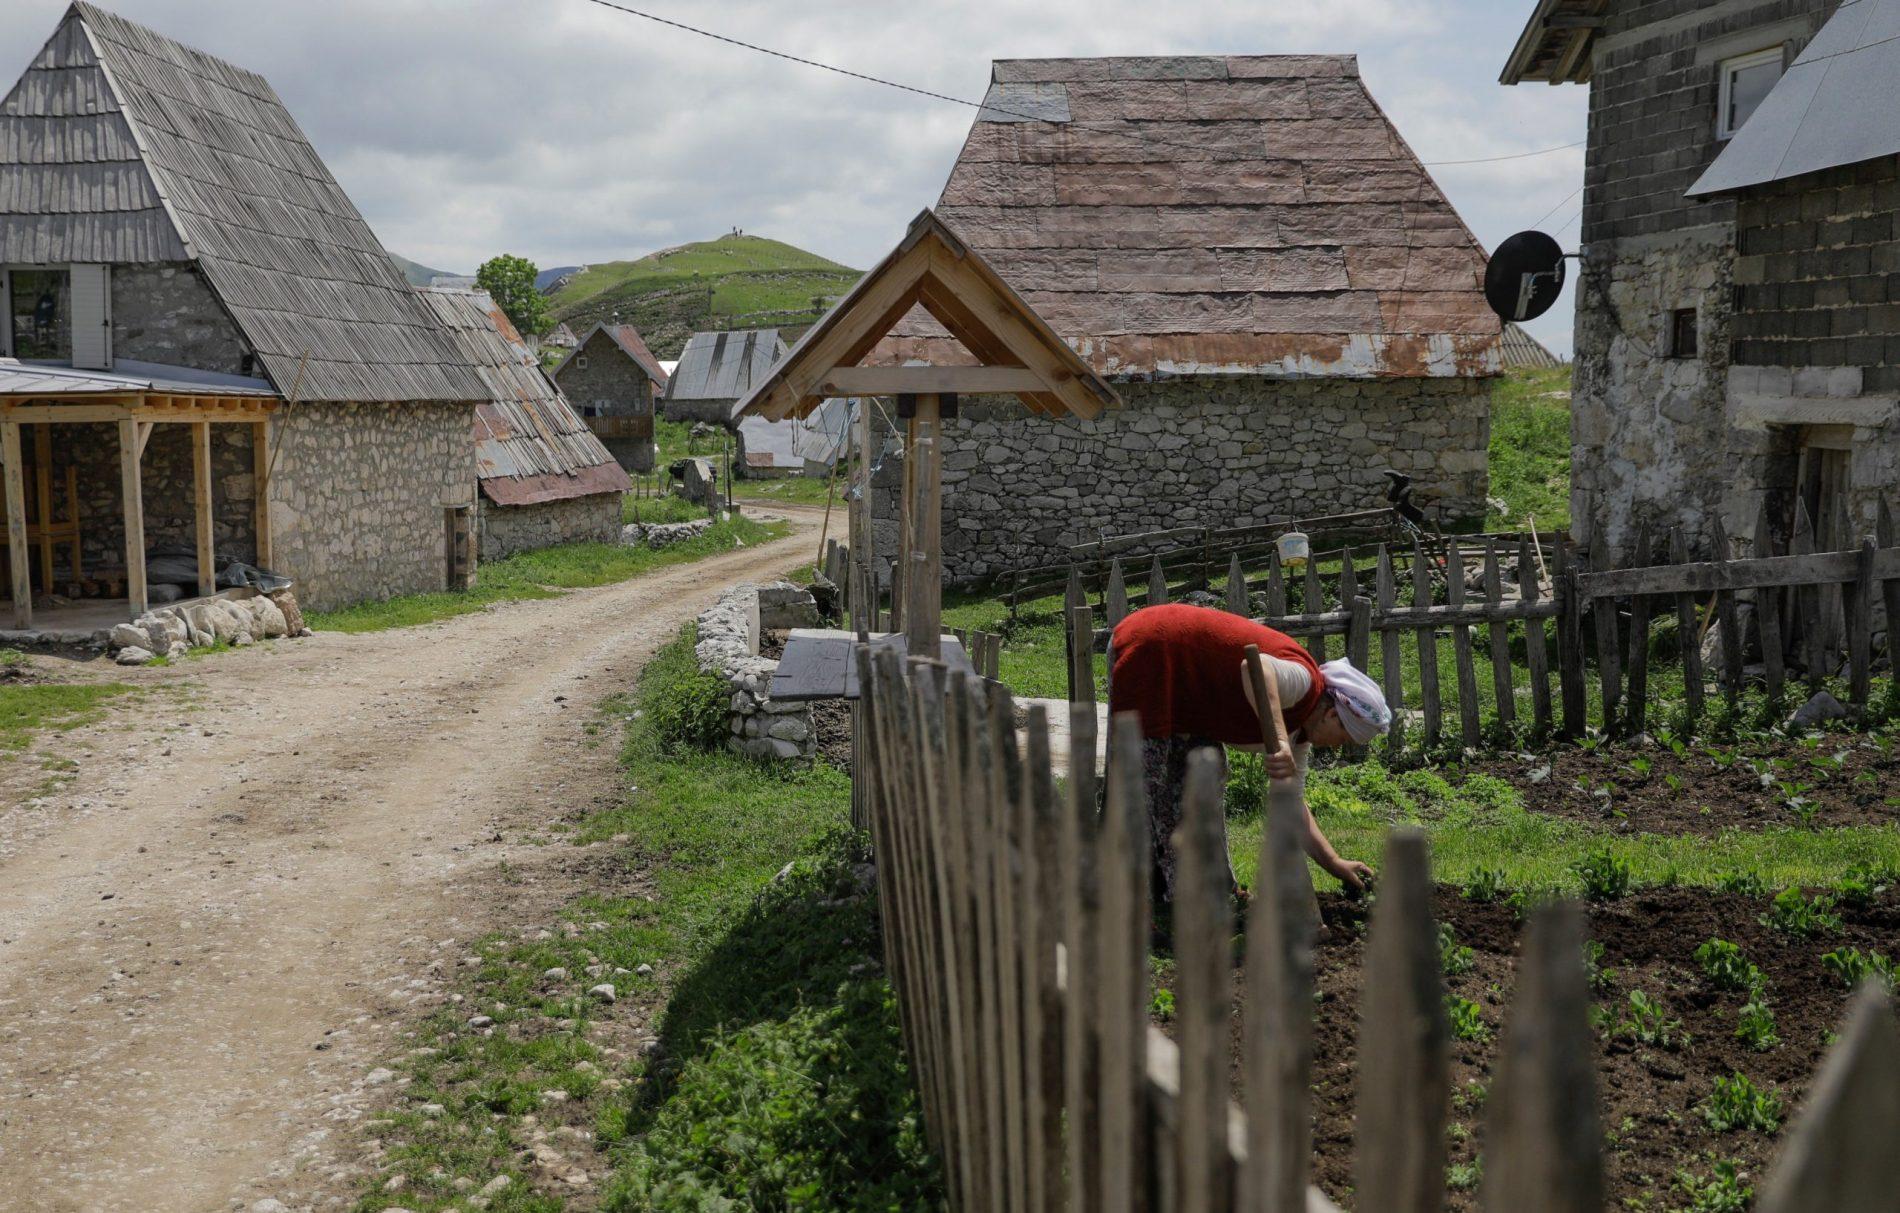 Lukomir sve privlačniji građanima Bosne i Hercegovine (Foto)